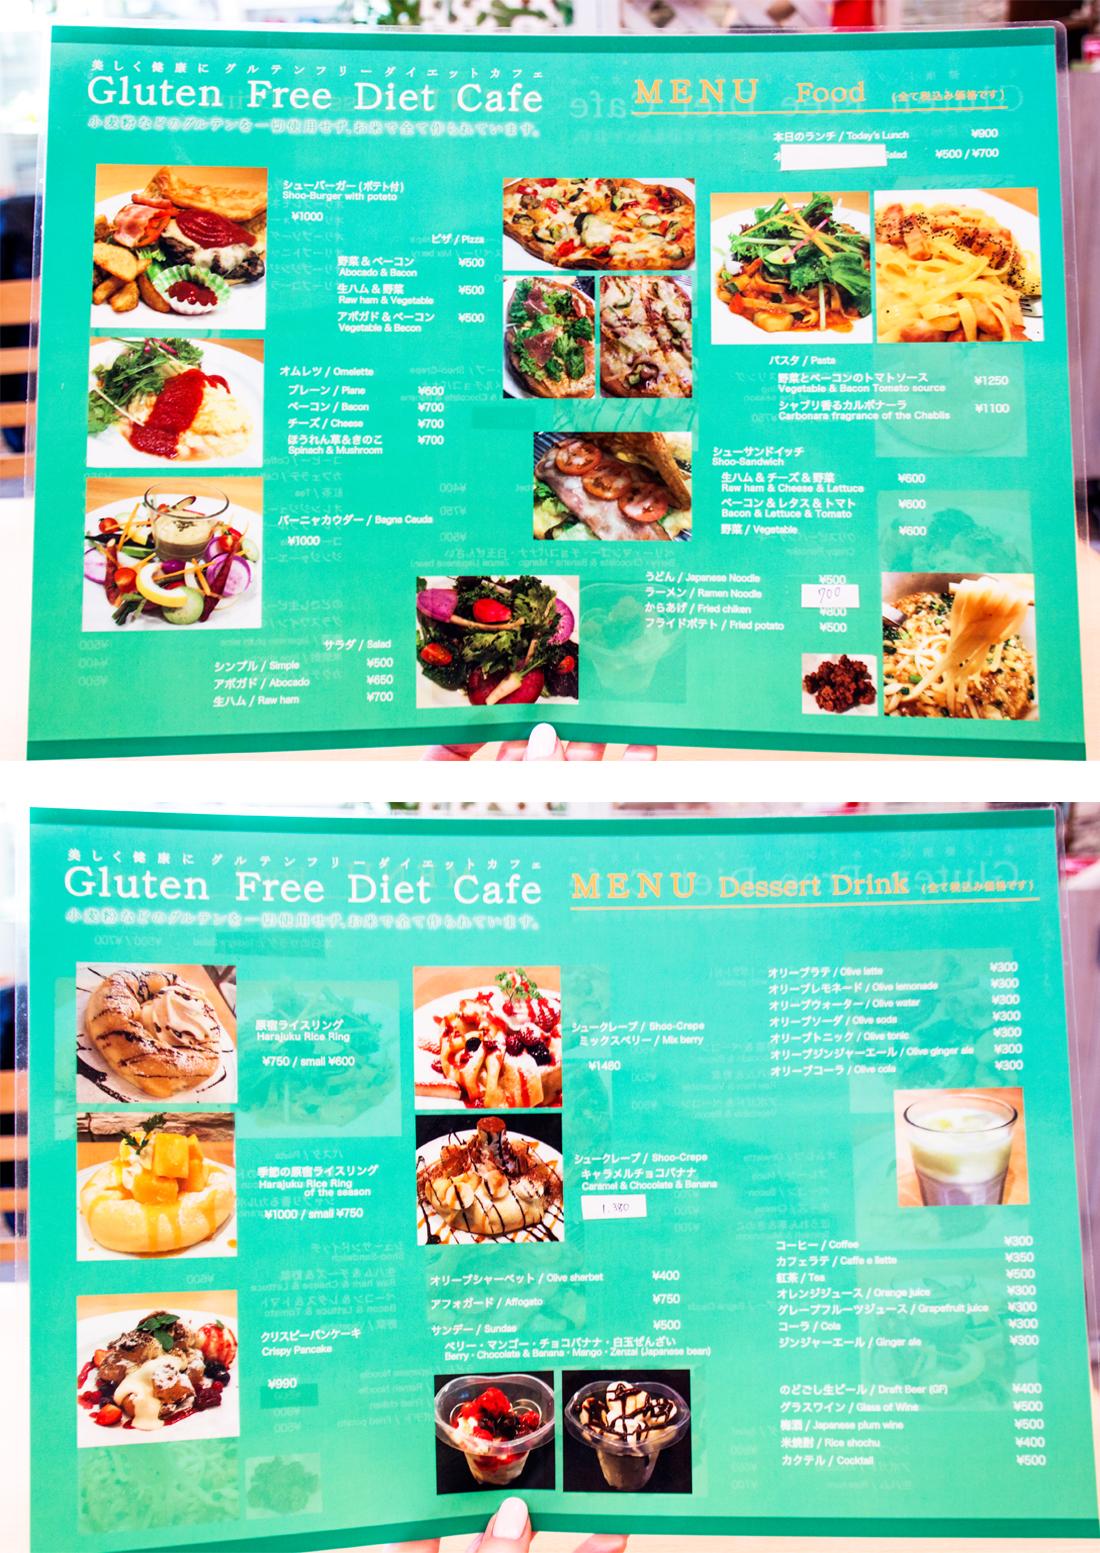 Gluten free diet cafe tokyo, gluten free japan, gluten free restaurant tokyo, gluten free pizza, gluten free vegetarian pizza, vegetarian pizza tokyo, gluten free crepes tokyo, fluten free pasta tokyo, gluten free hamburger tokyo, gluten free dessert tokyo, olive latte, olive latte tokyo, little bird cafe tokyo